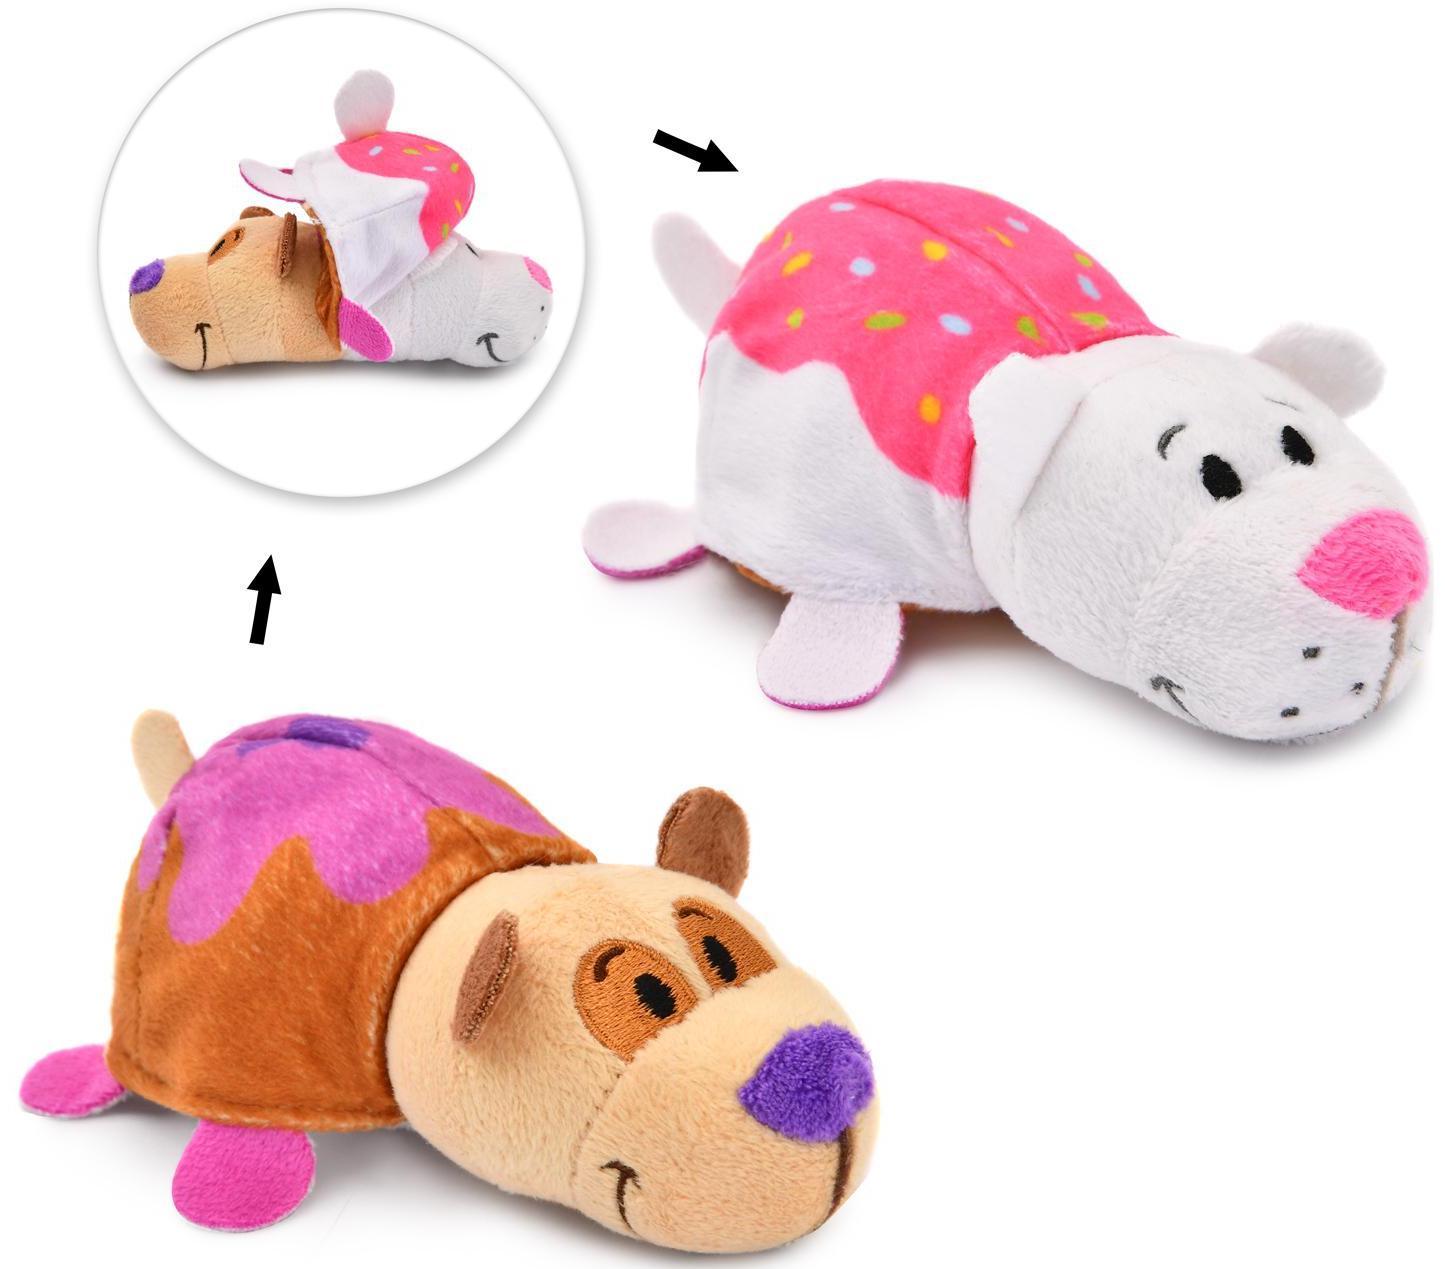 Купить 1Toy Панда - Кошечка с ароматом Ням-Ням - 40 см - мягкая игрушка вывернушка, Вывернушки 1Toy, Китай